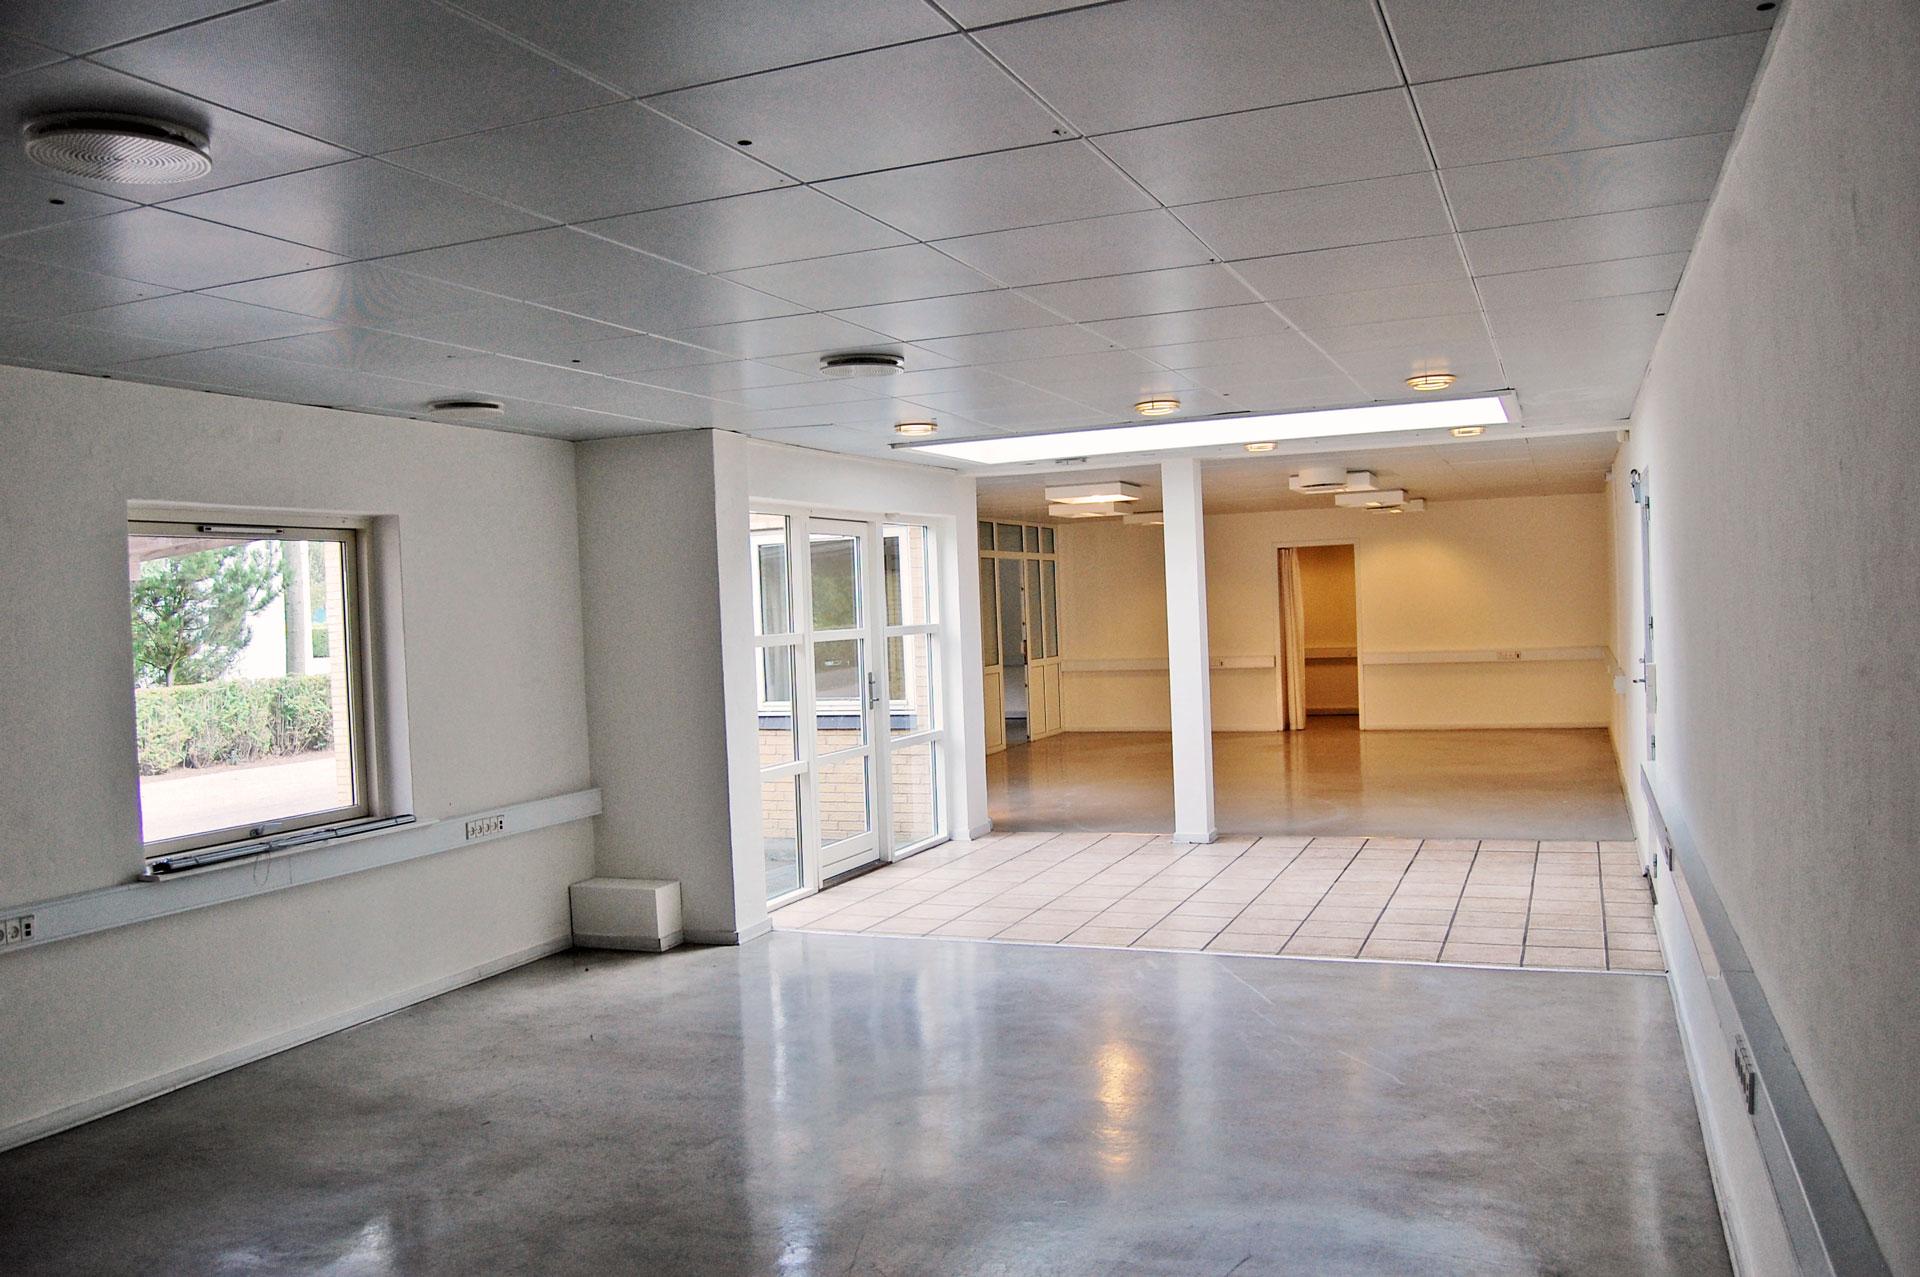 Billigt kontor til leje - kontorfællesskab - privatkontor